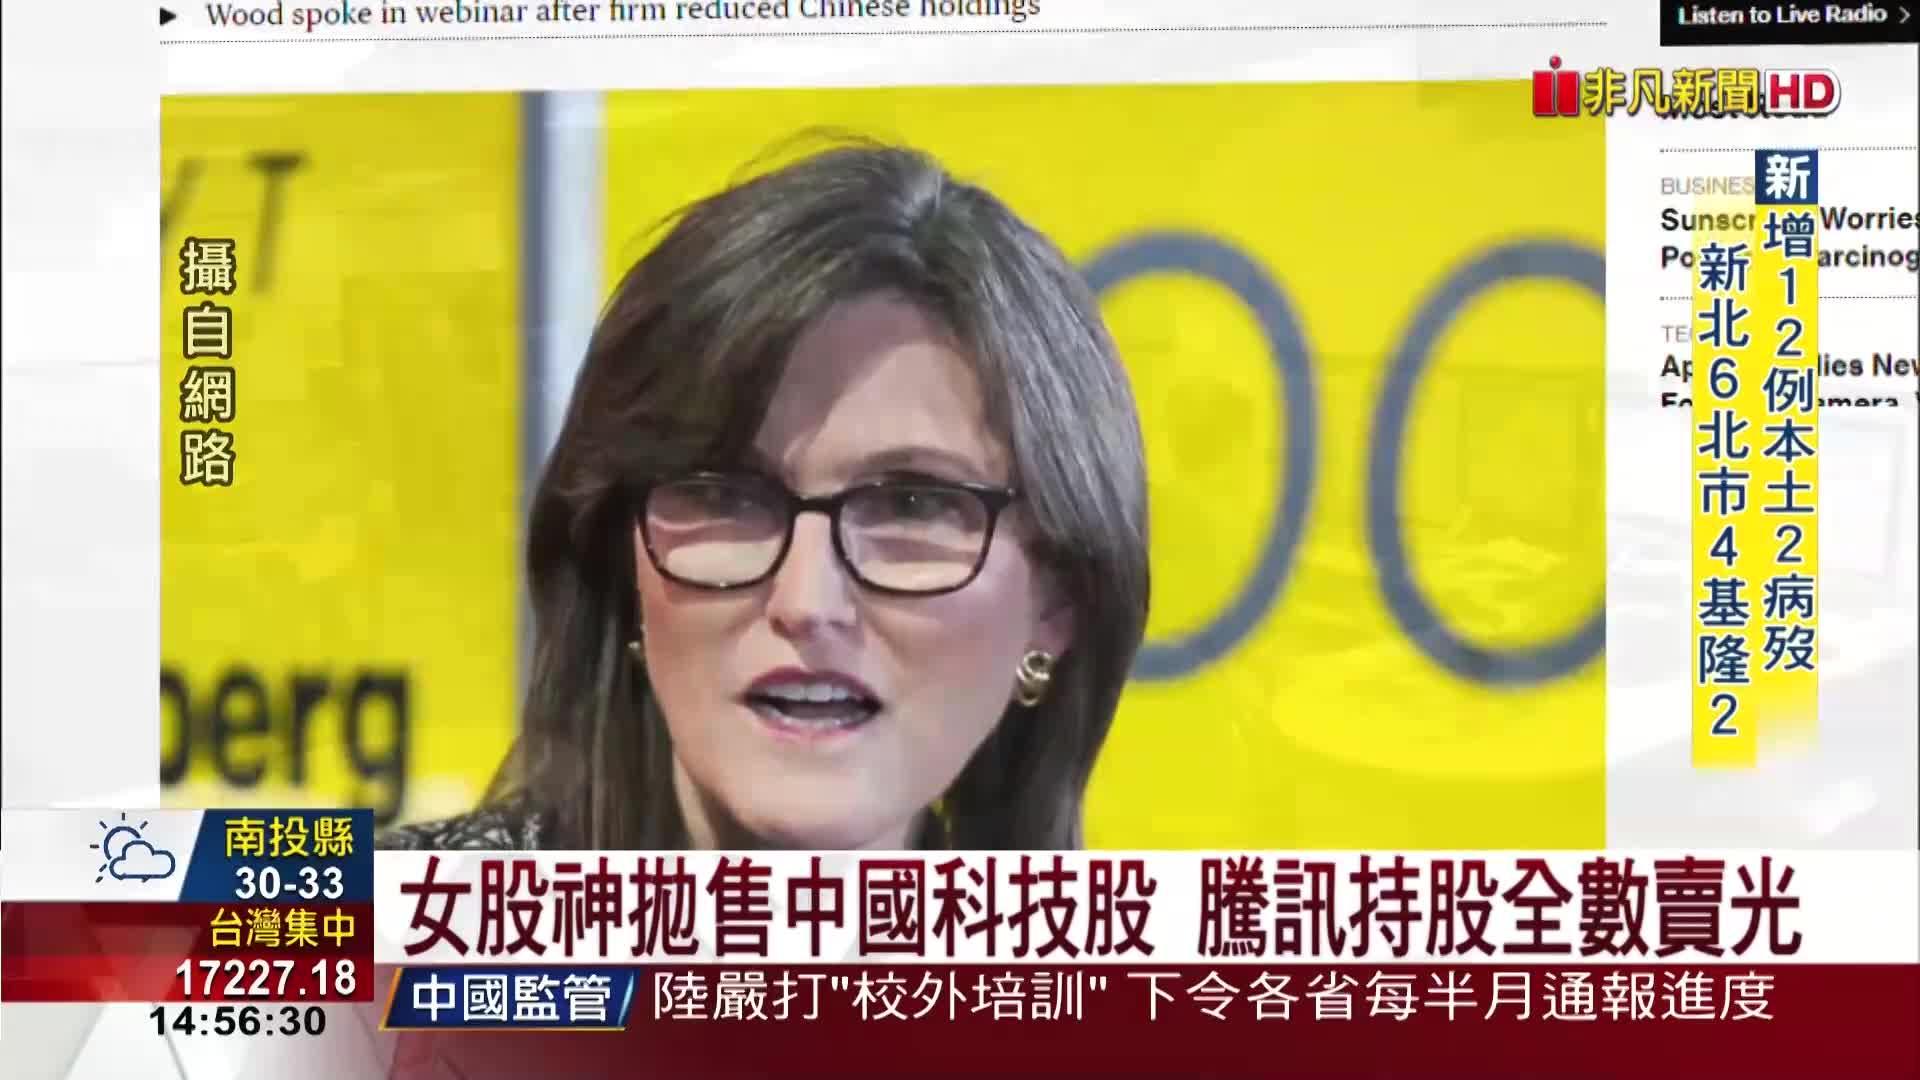 女股神拋售中國科技股 騰訊持股全數賣光